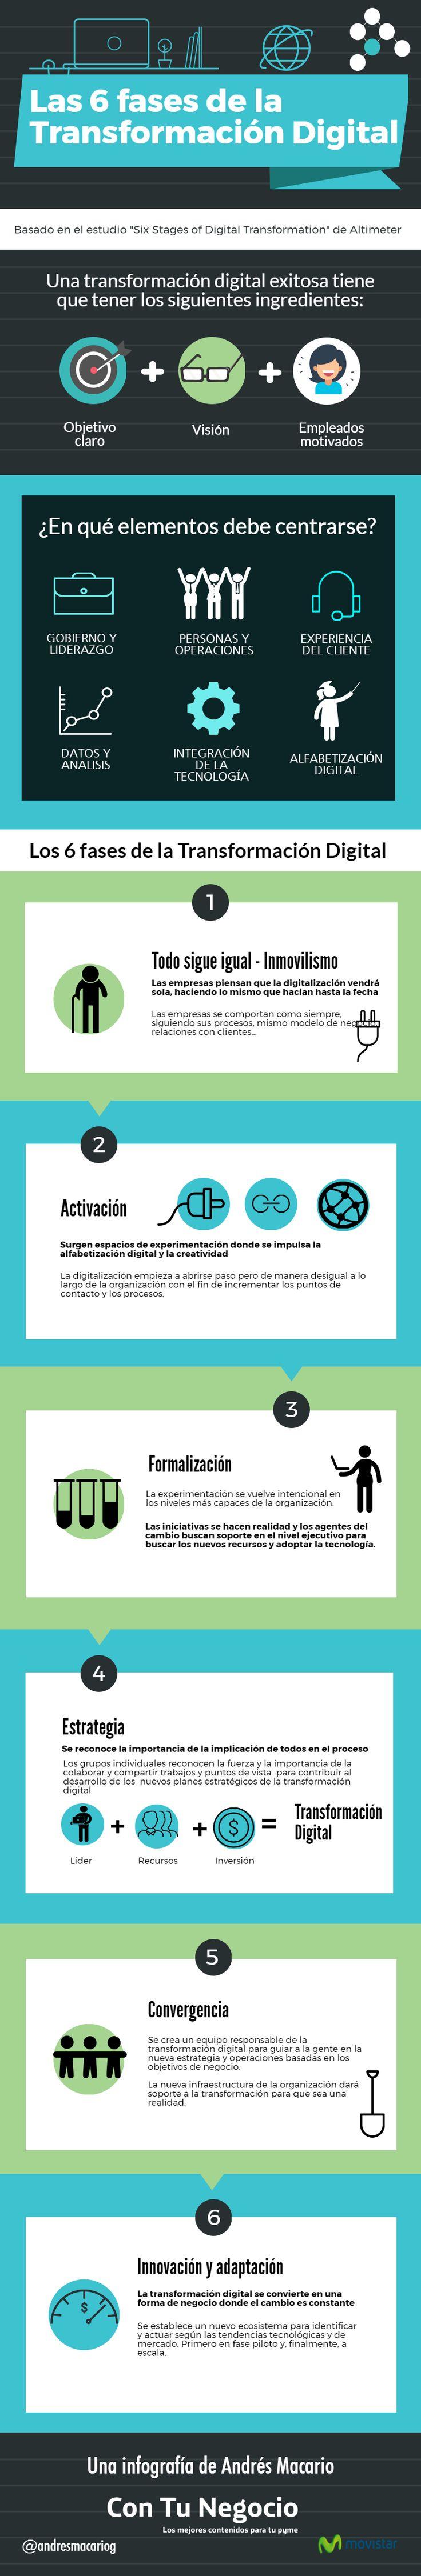 Las seis fases de la transformación digital #infografía